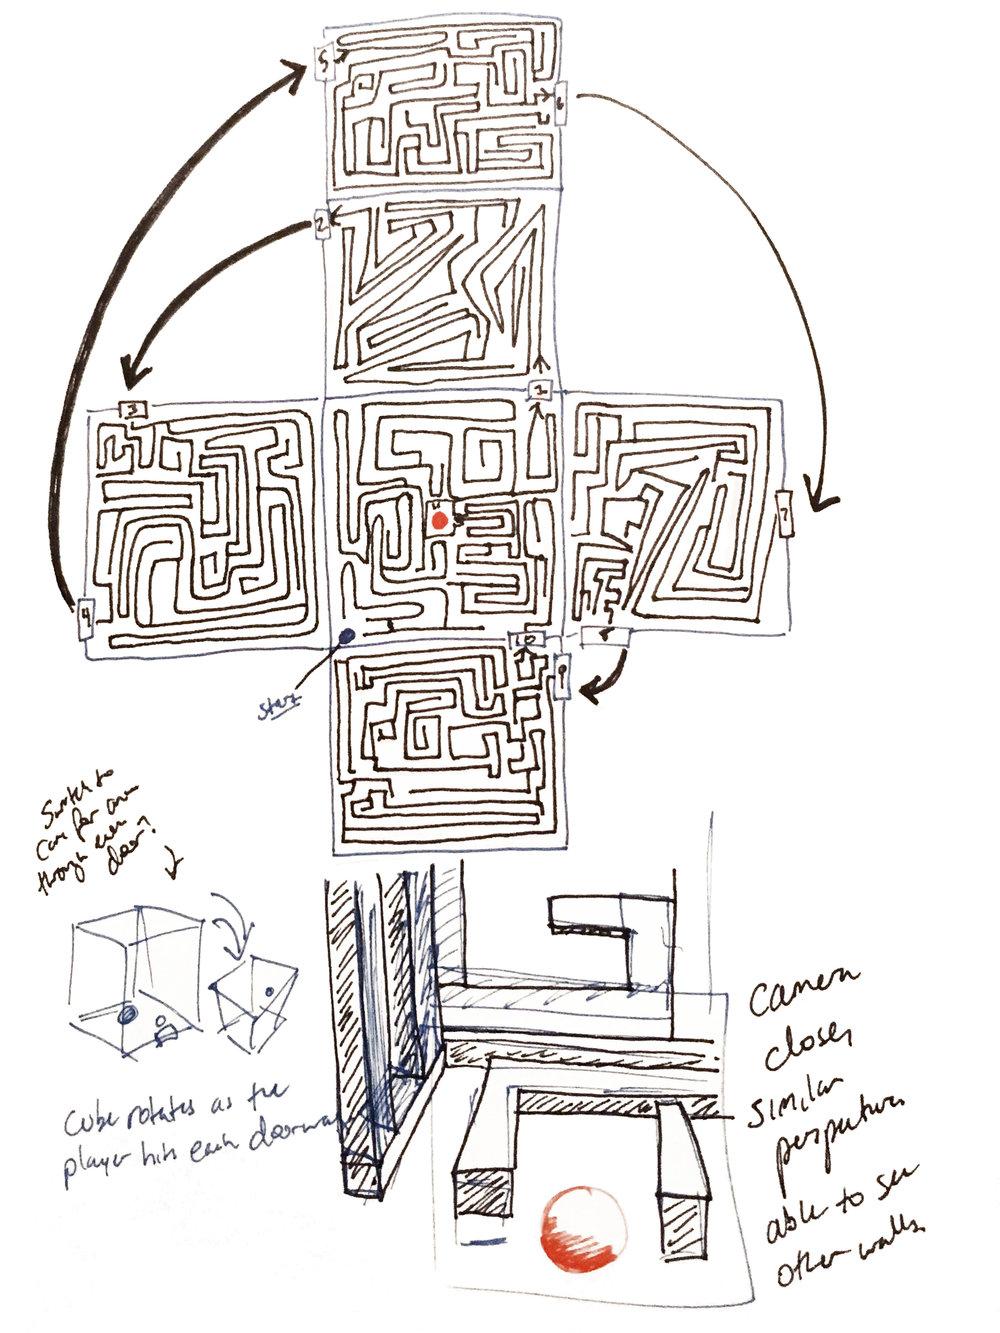 RollABallMod_Sketch3.jpg